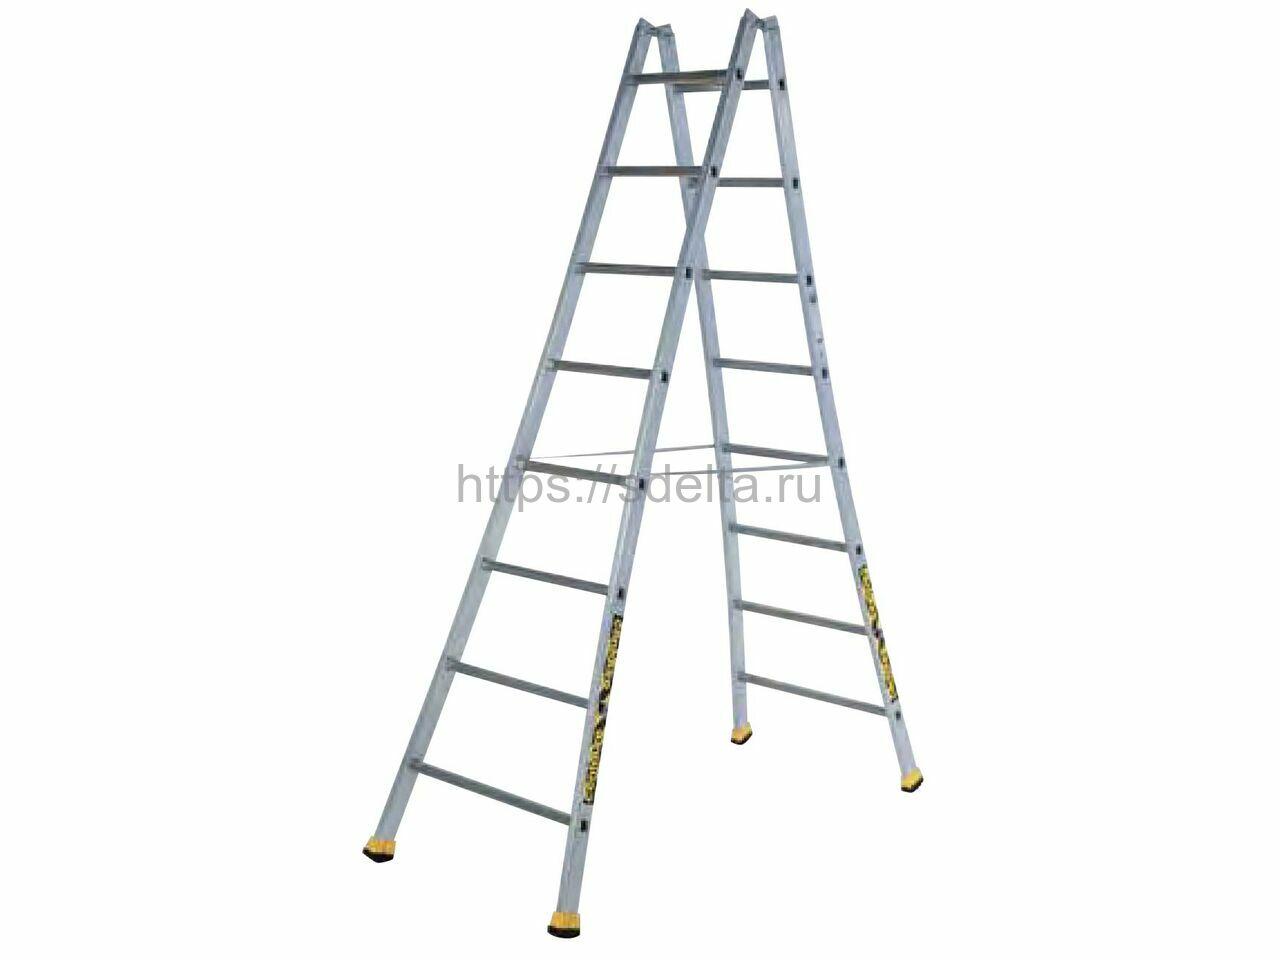 Двойная алюминиевая лестница-стремянка Н 2х10 Centaure Франция